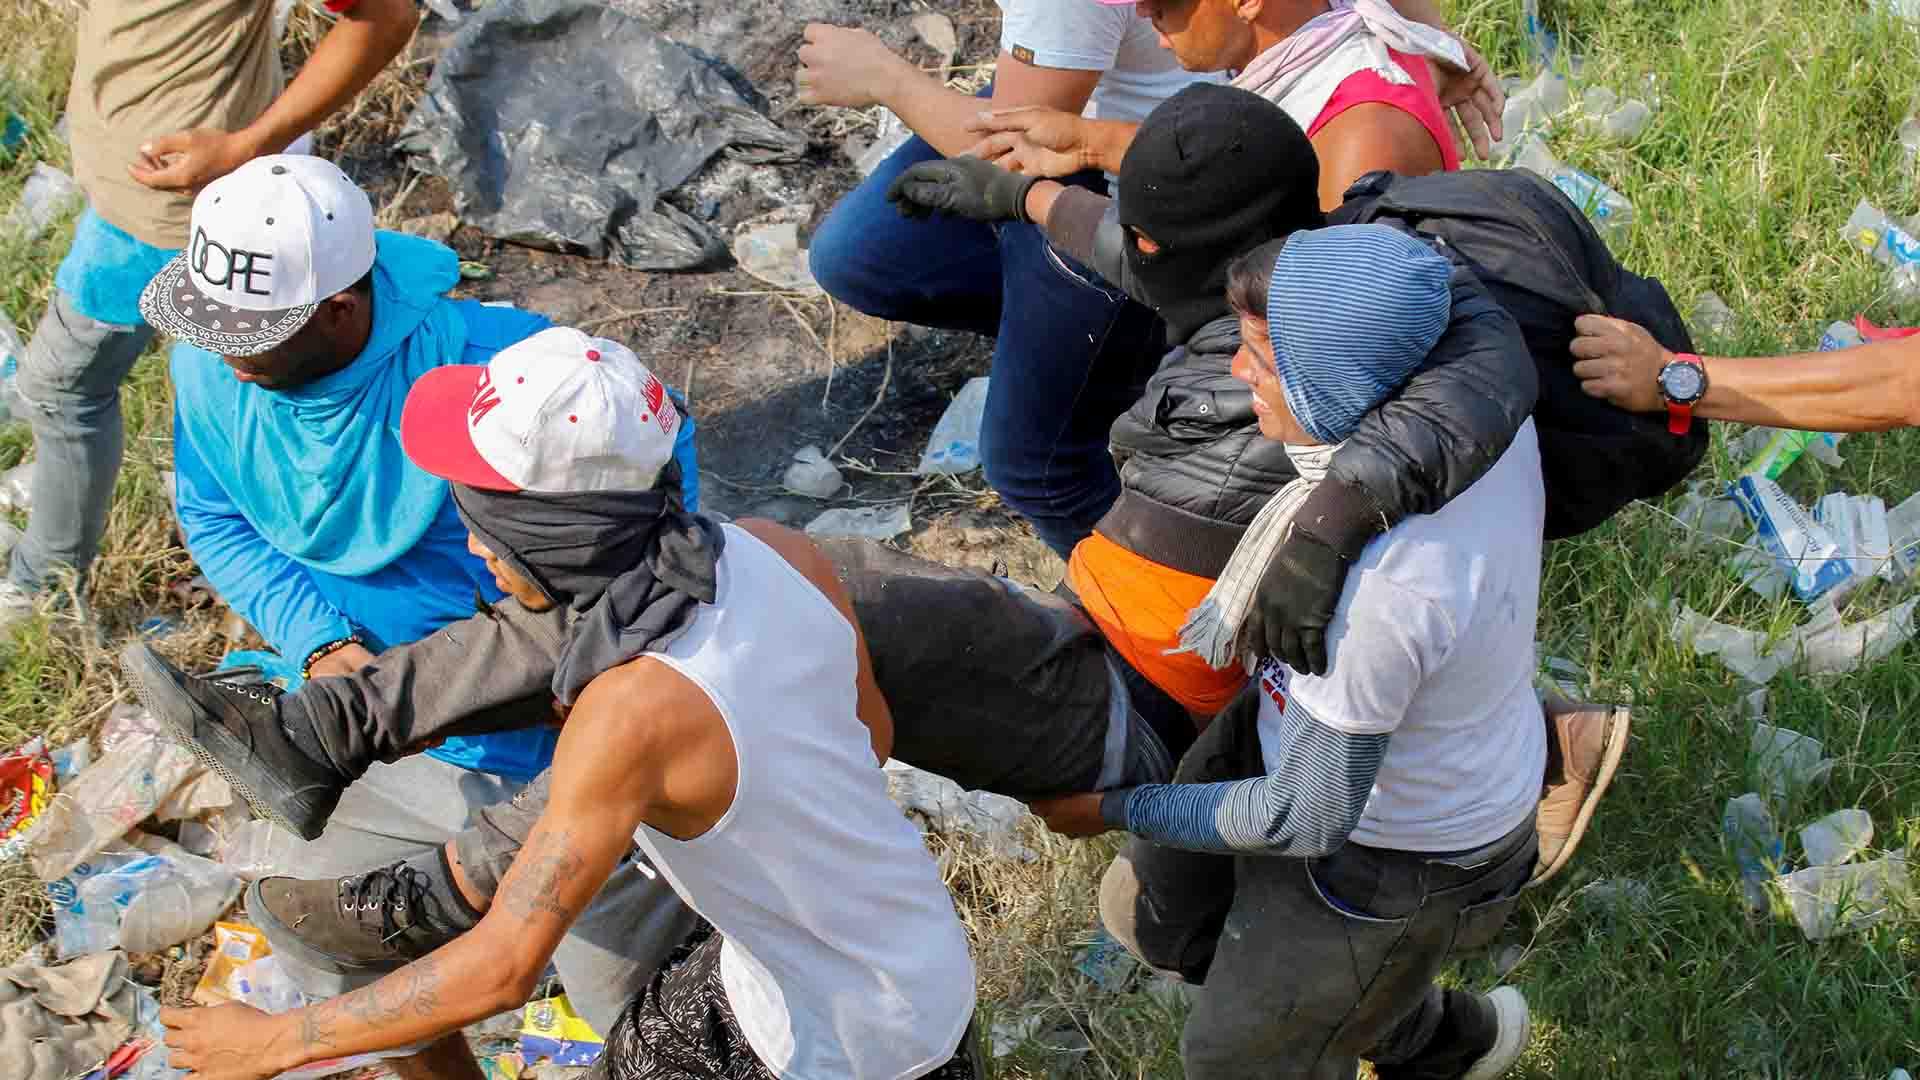 La represión dejó más de 300 heridos(Photo by SCHNEYDER MENDOZA / AFP)